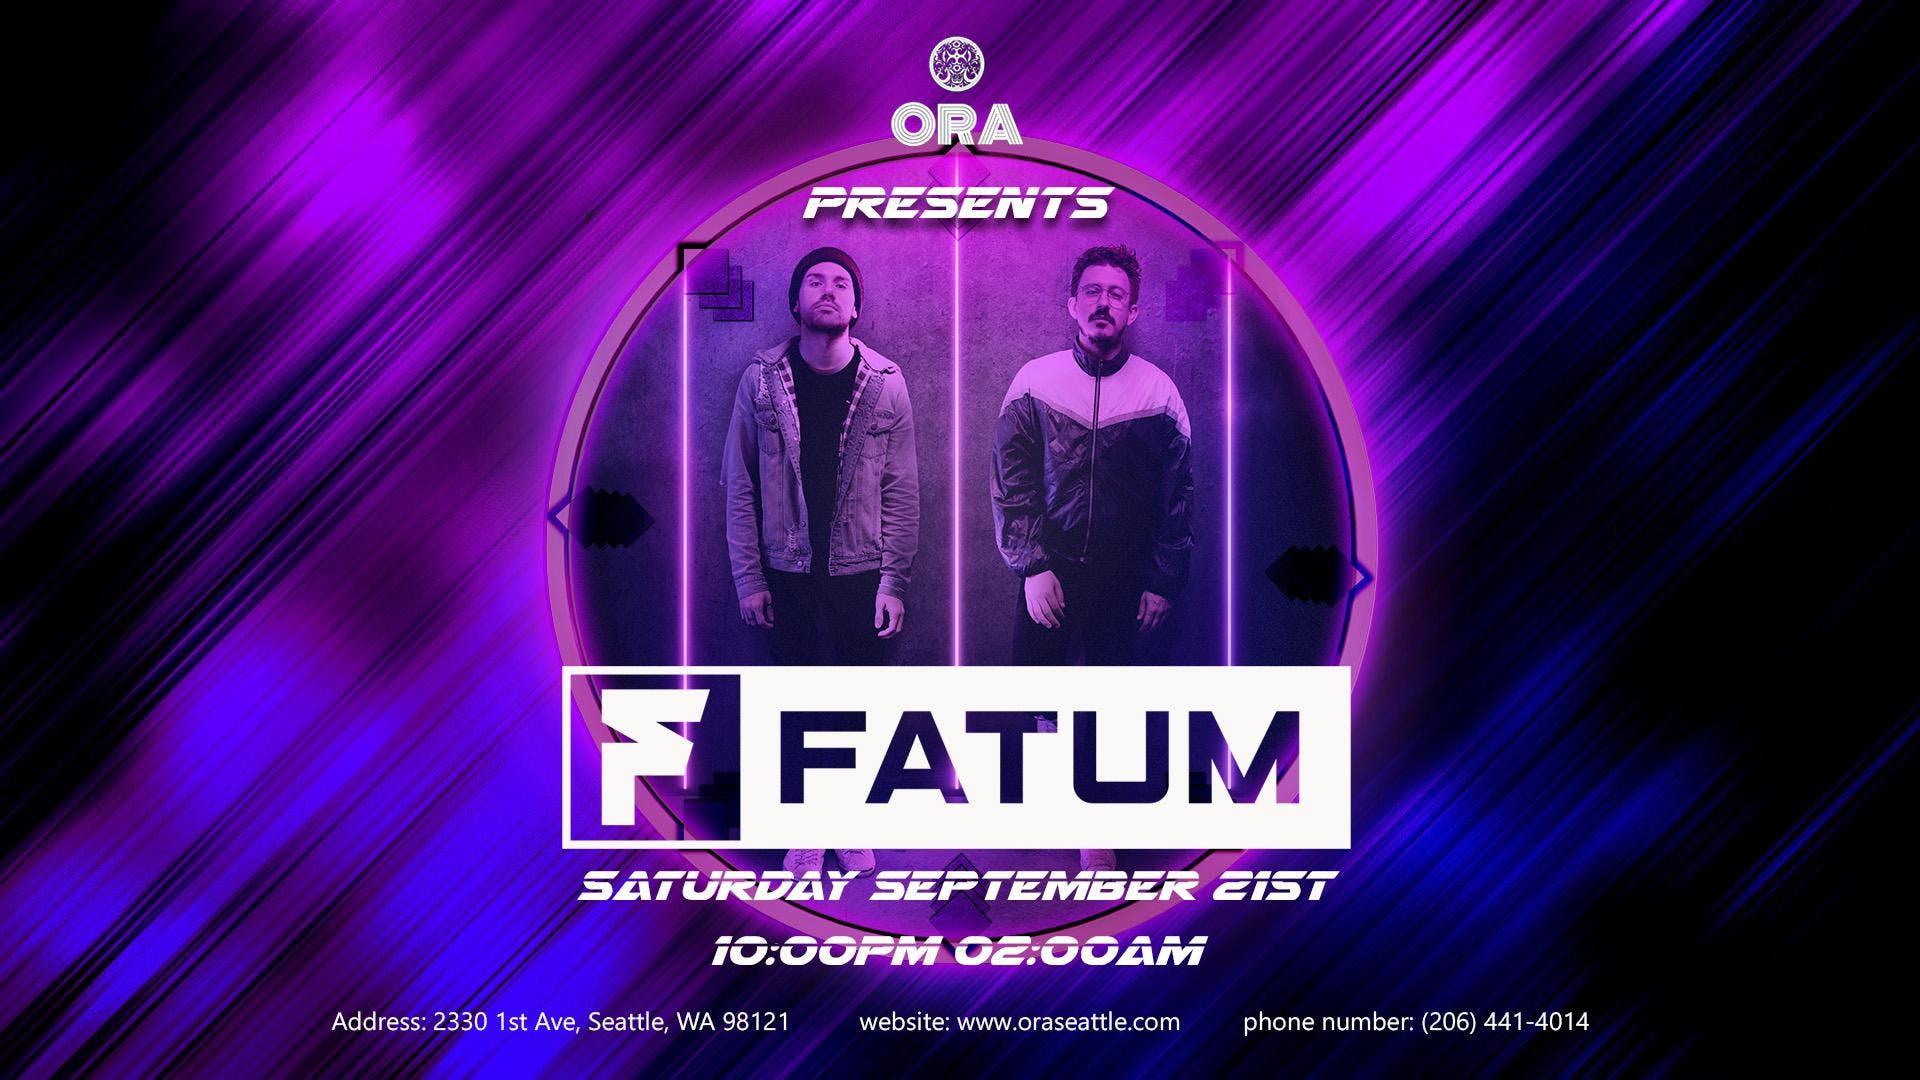 Fatum at Ora